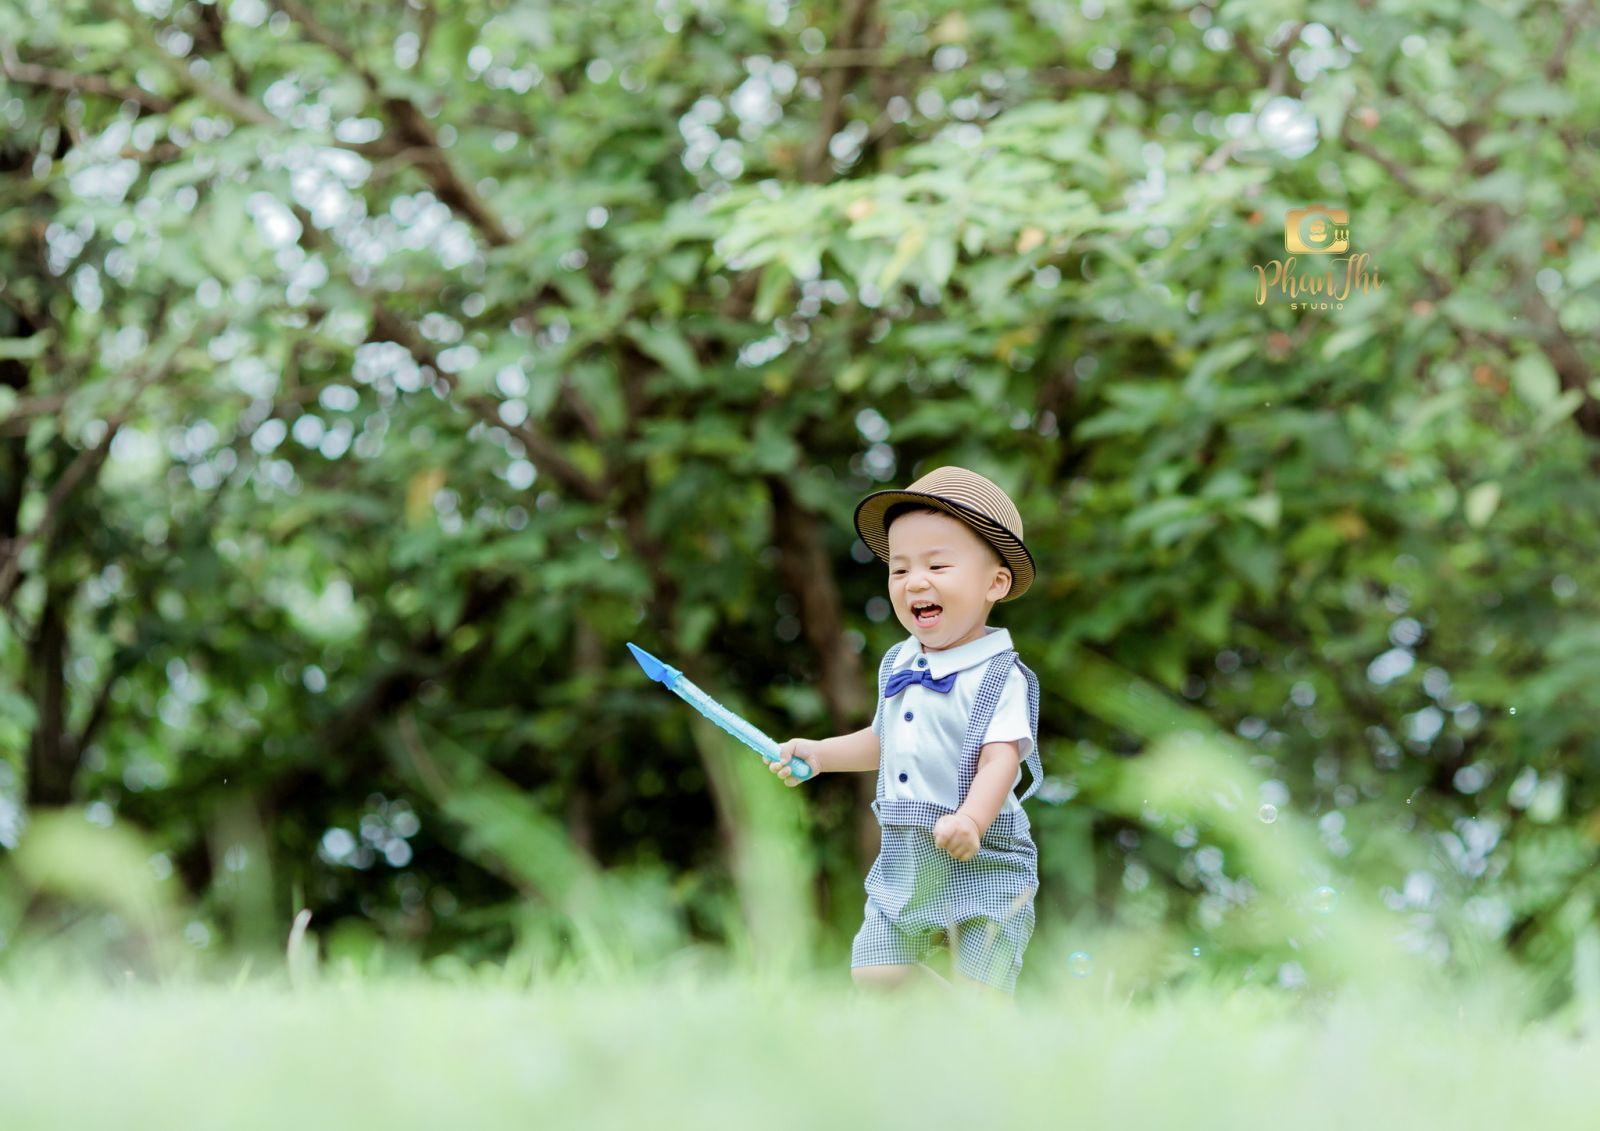 http://phanthistudio.vn/admin/webroot/uploads/images/BAS_Do_Dinh_Khoi/GIO_4028-2_resize.jpg